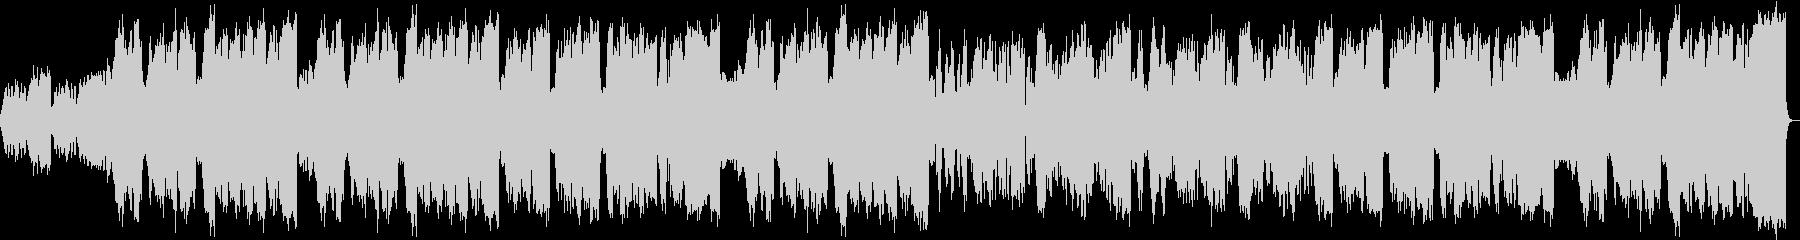 ゆっくりとしたオーボエバラードの未再生の波形